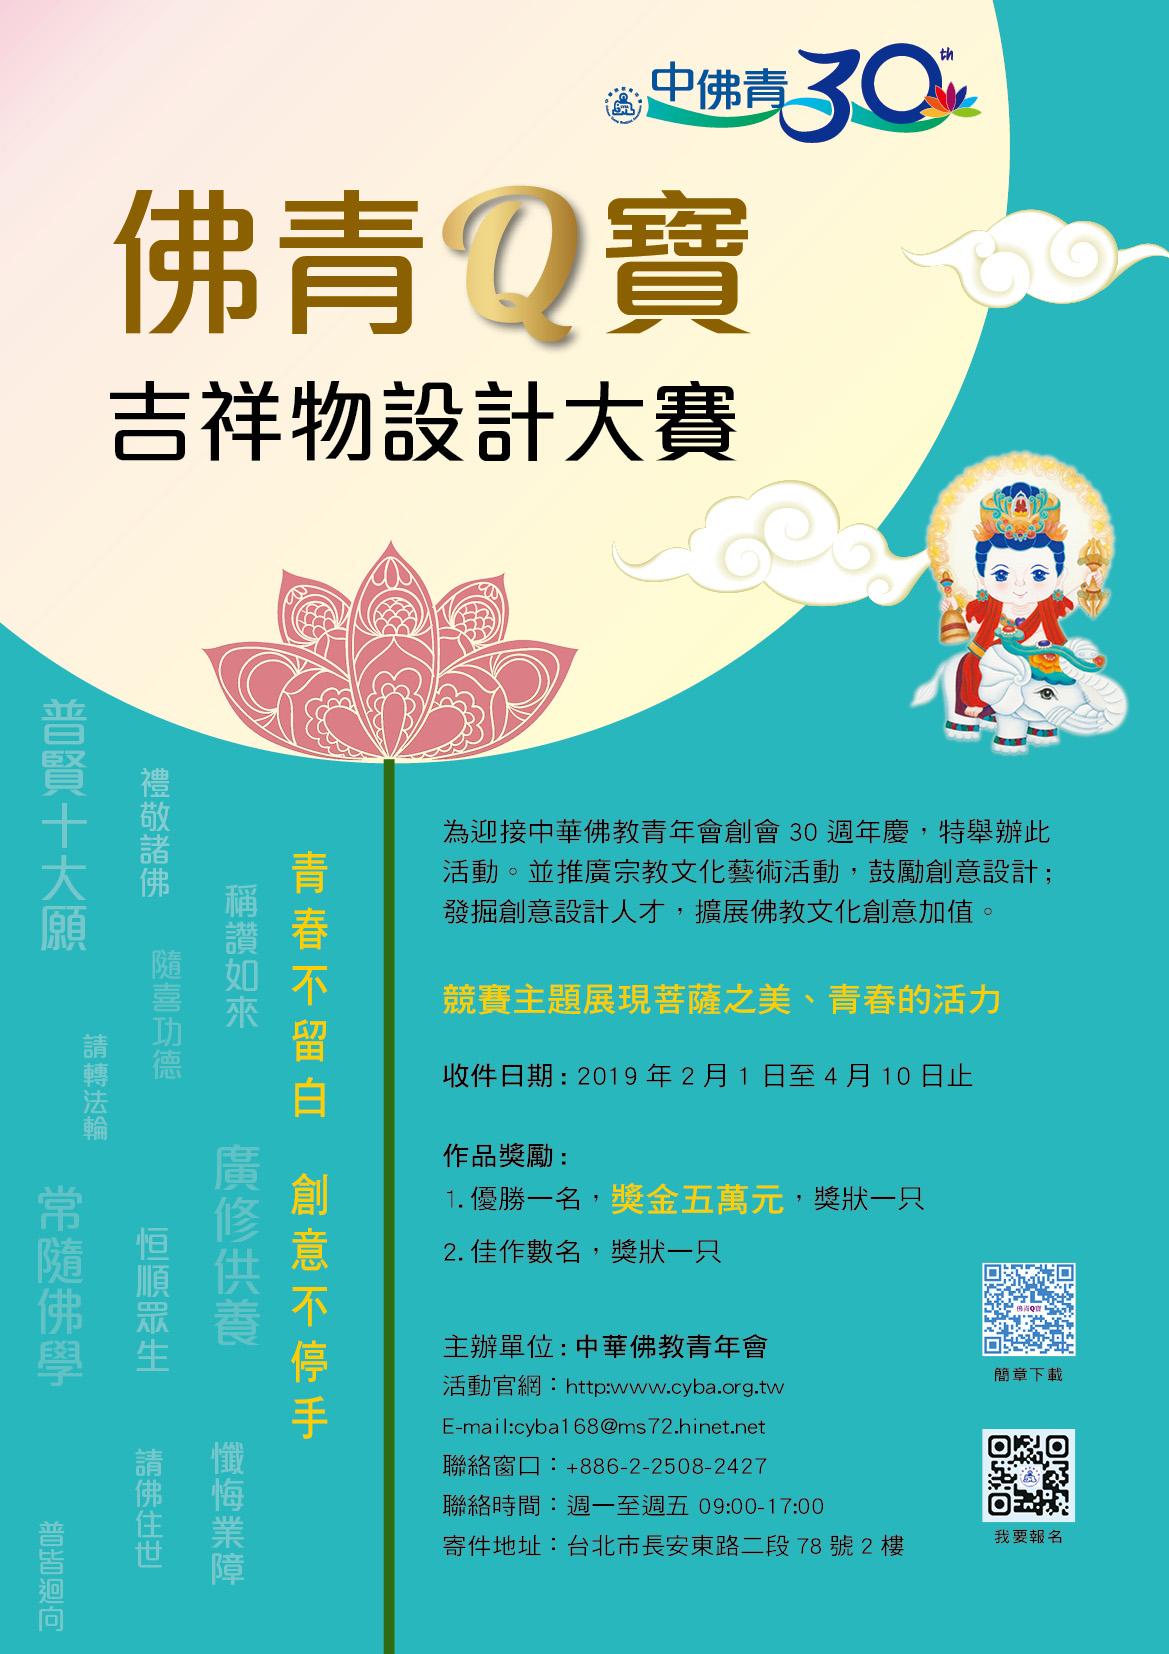 「佛青Q寶」吉祥物設計大賽